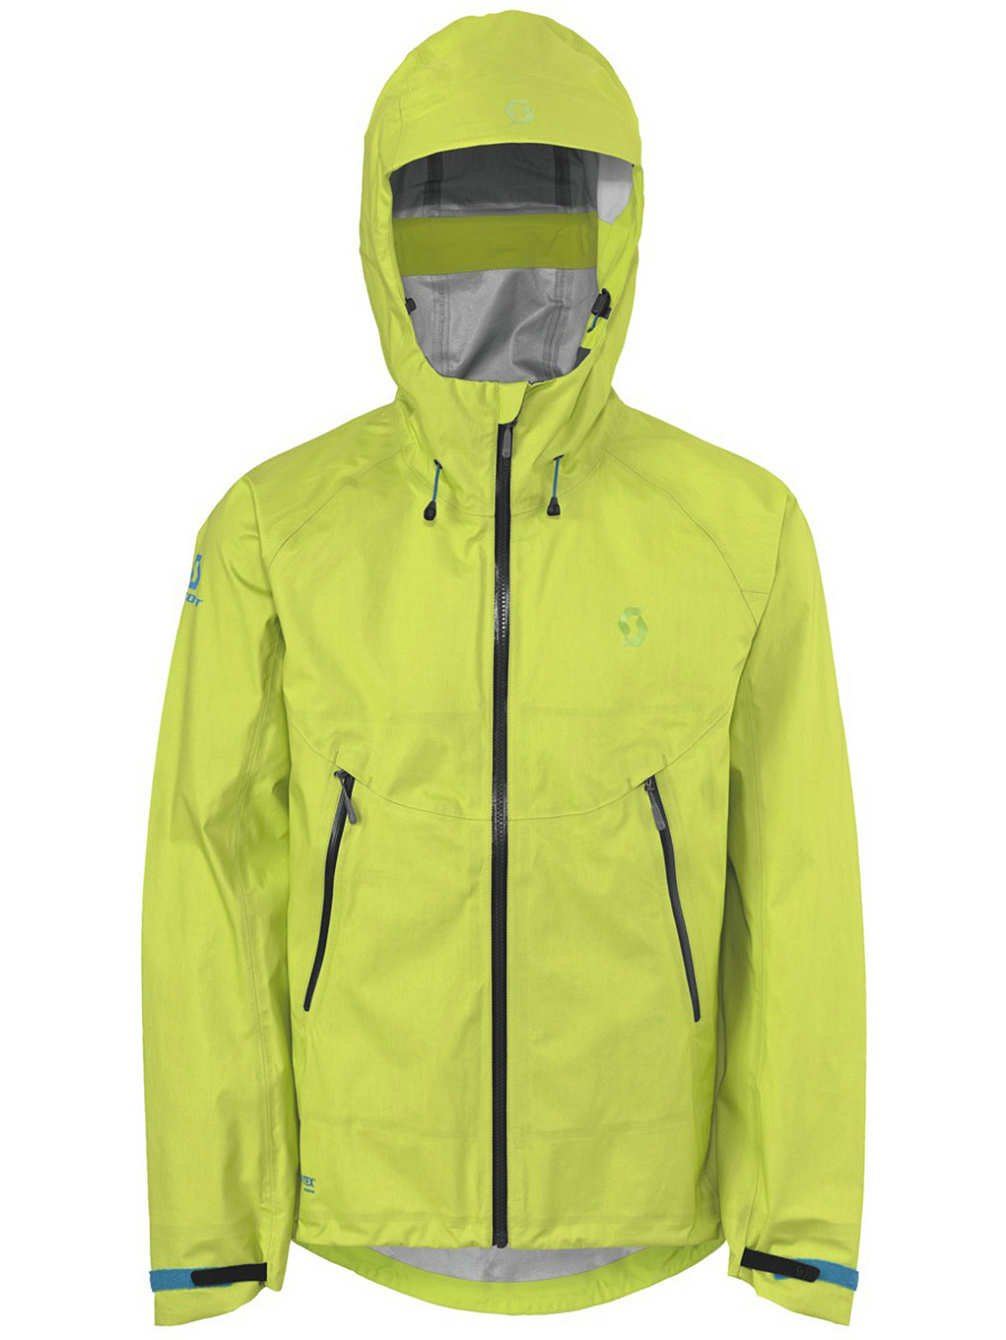 Herren Snowboard Jacke Scott Crusair Jacket günstig